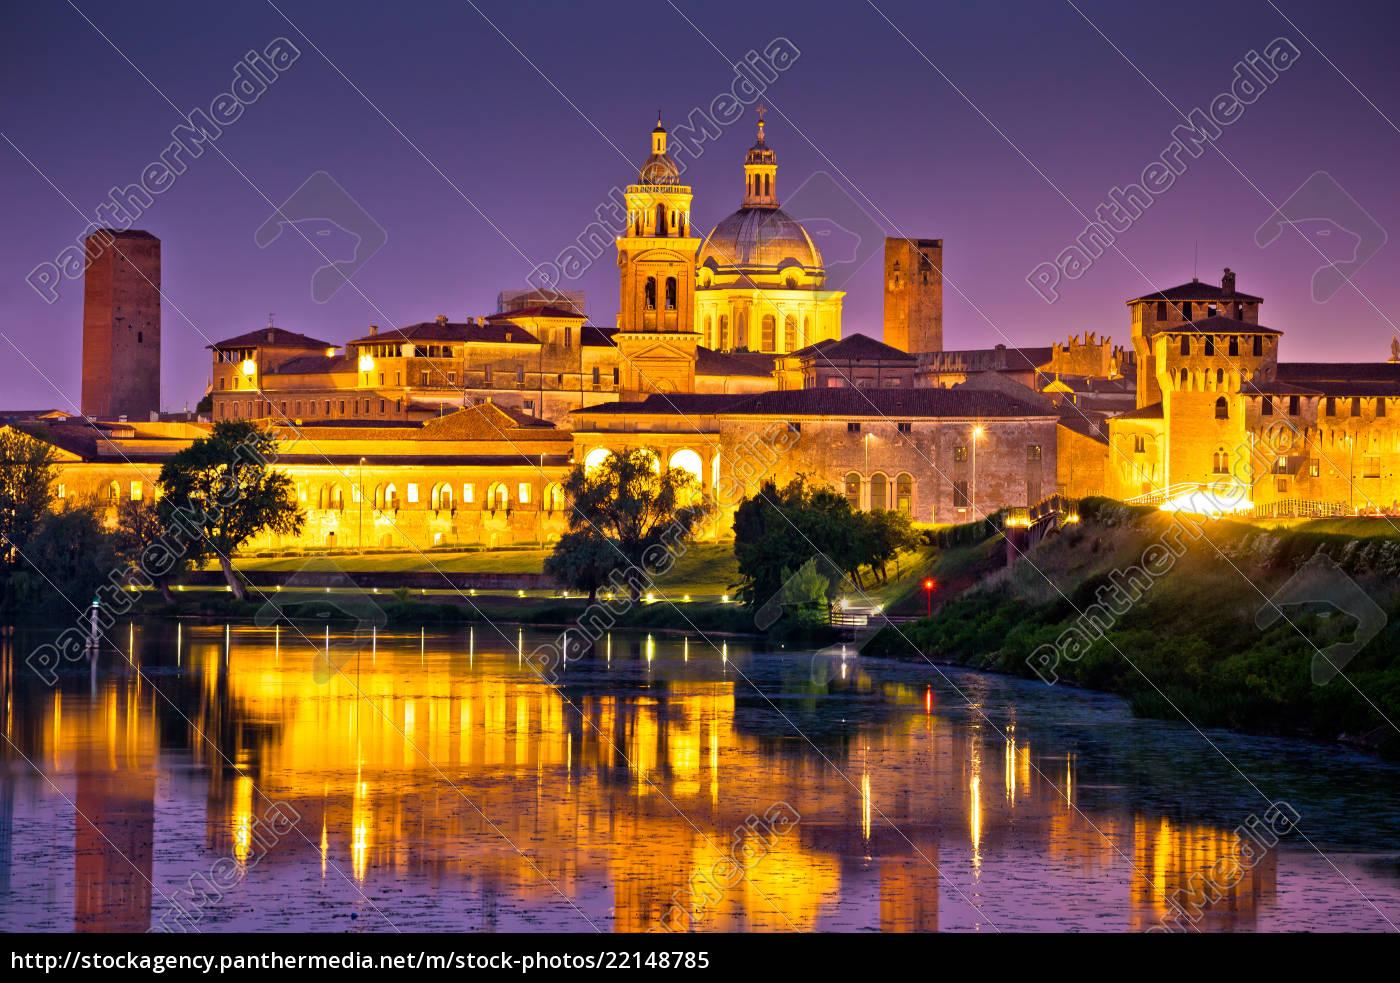 Stadt Mantova Skyline Abendansicht - Lizenzfreies Bild - #22148785